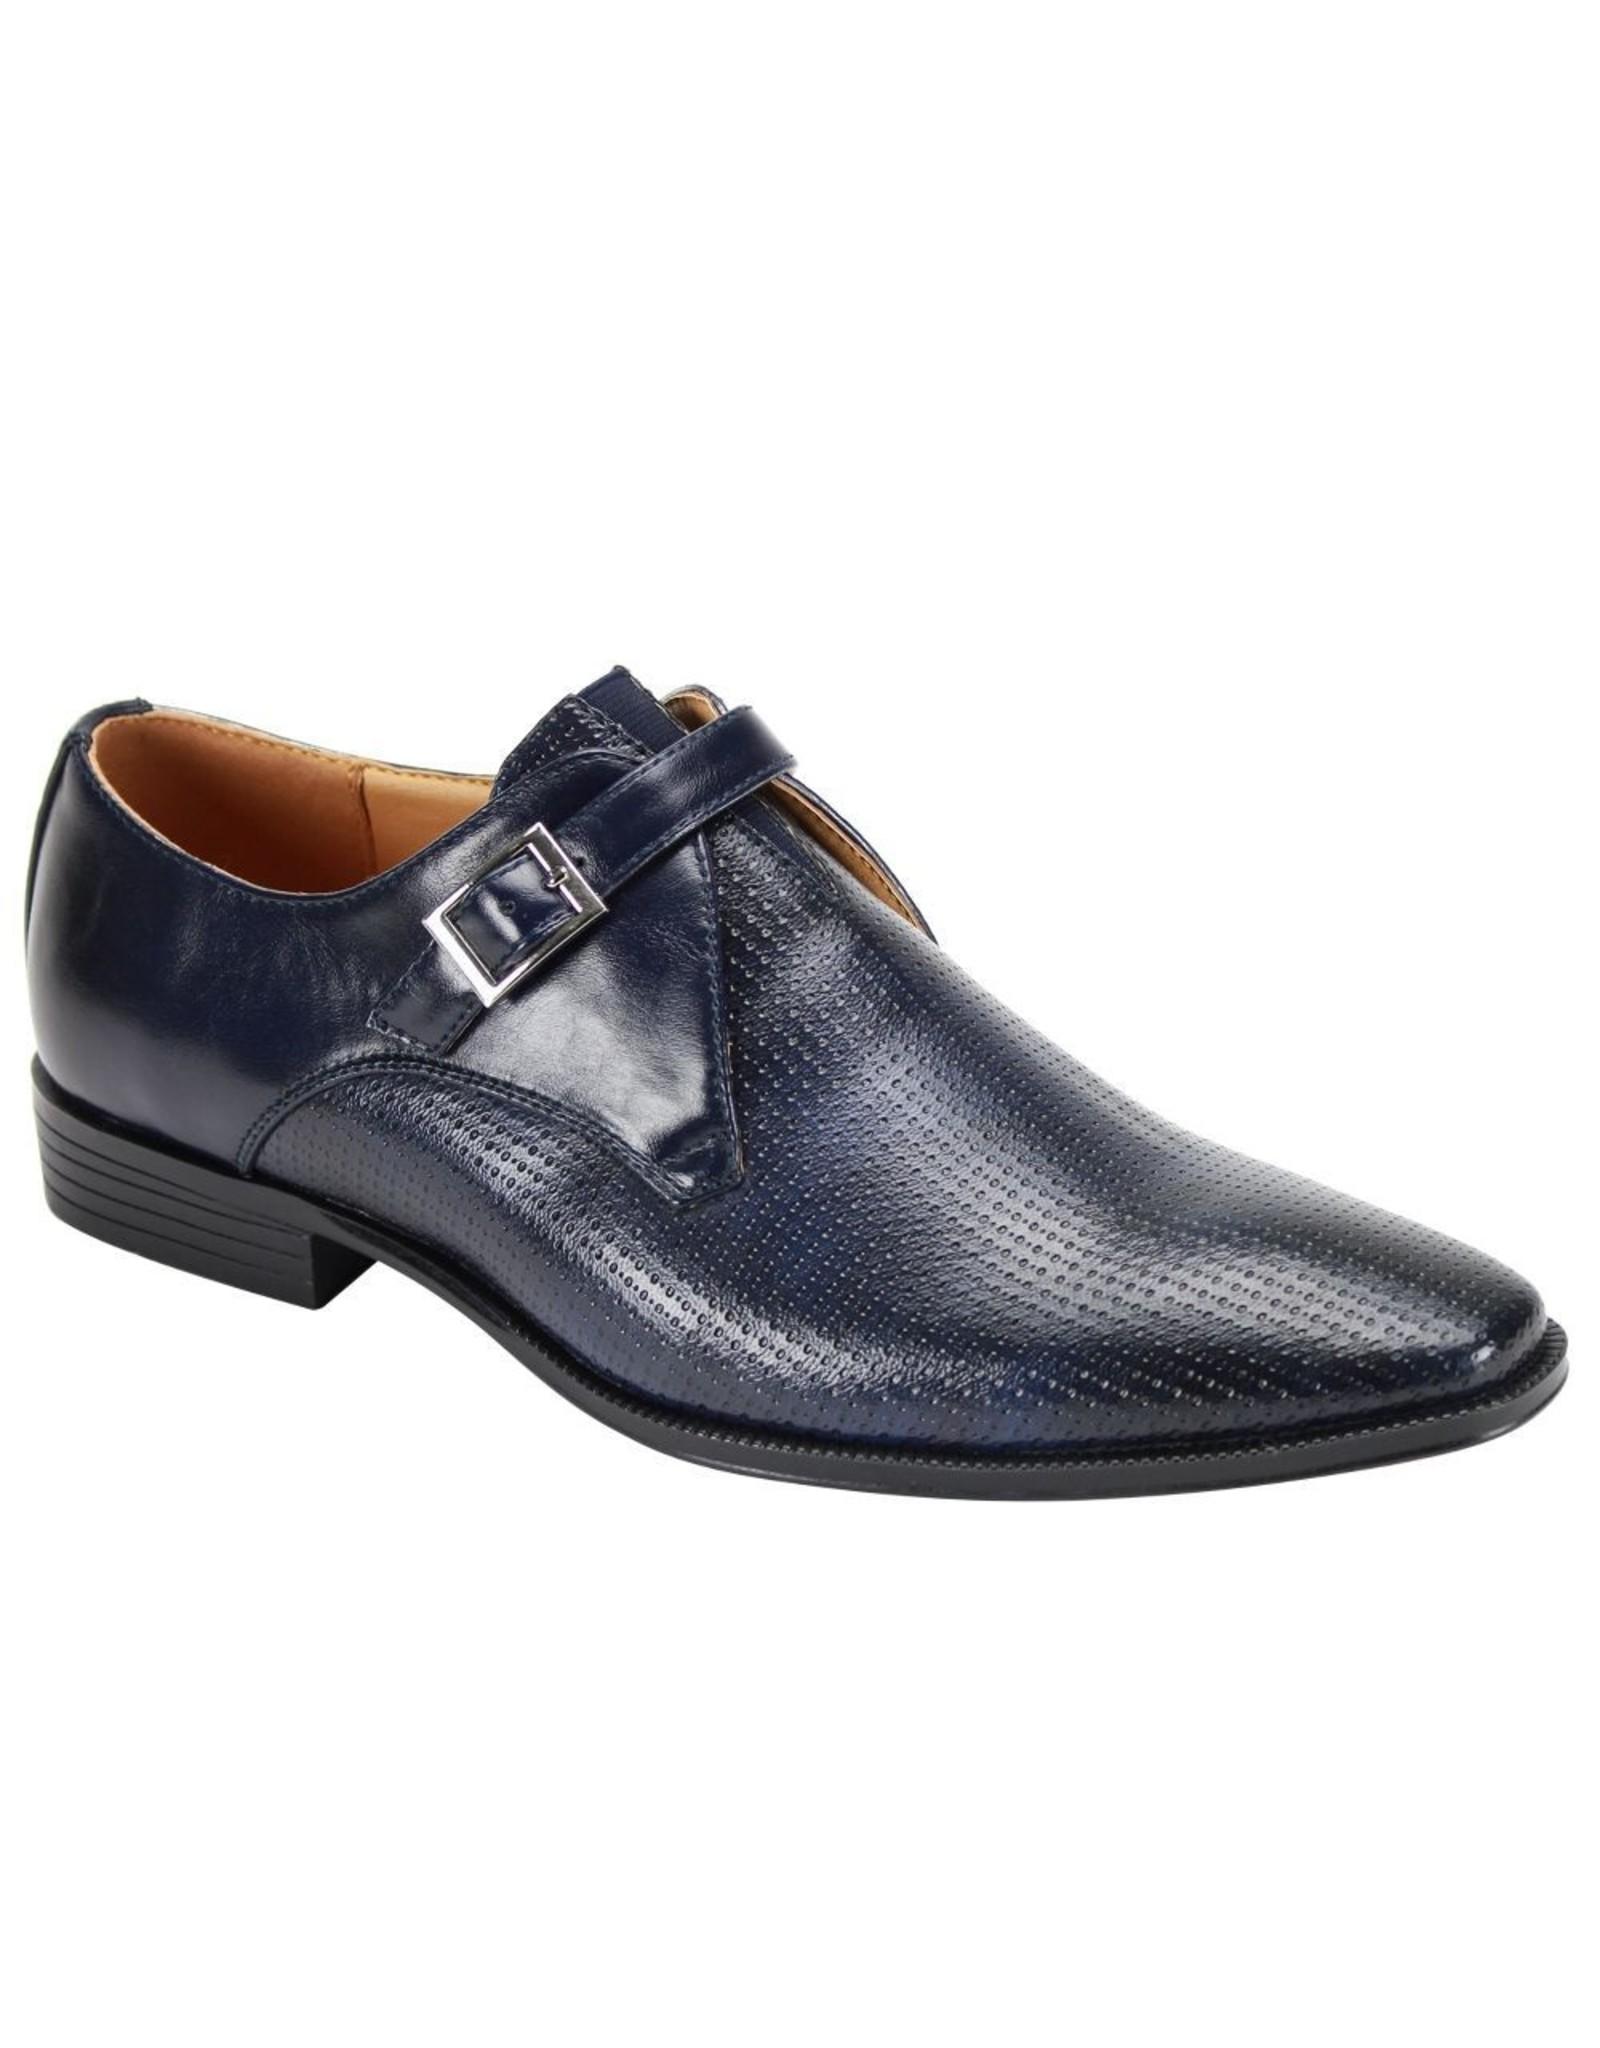 Steven Land Steven Land Dress Shoe - SL0092 Navy